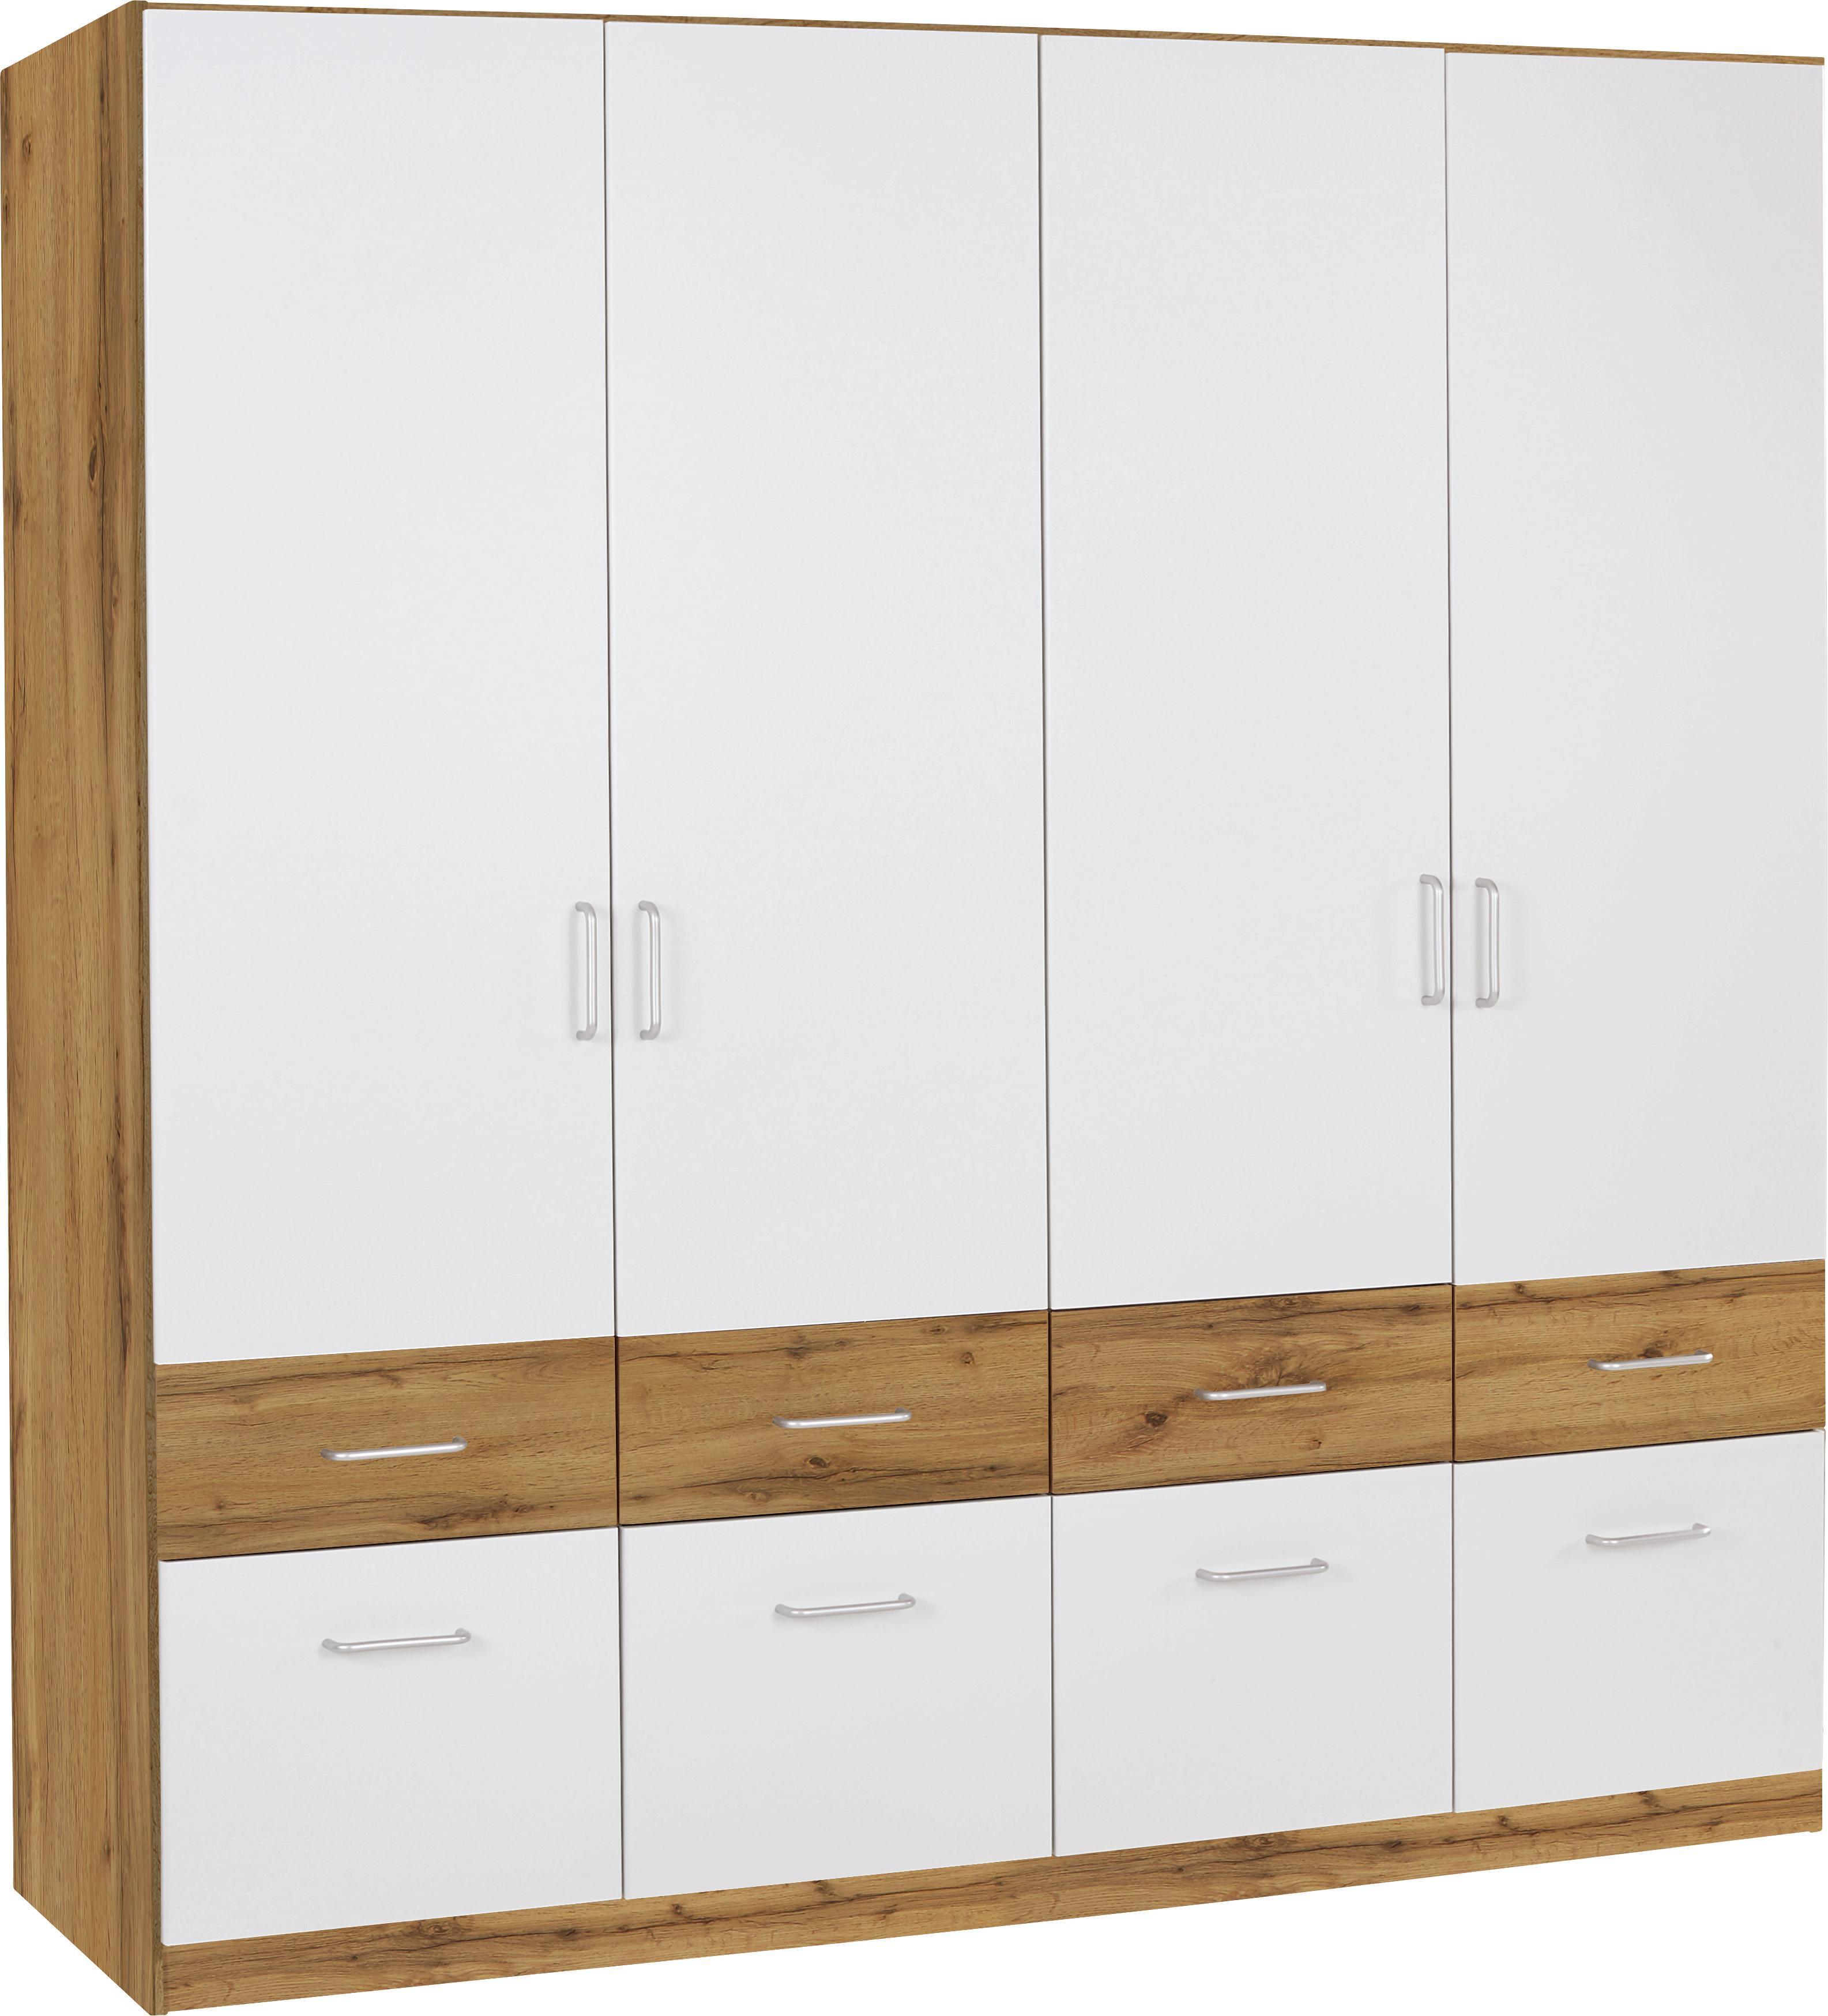 kleiderschrank aalen extra b 181cm wei eiche wotan dekor. Black Bedroom Furniture Sets. Home Design Ideas